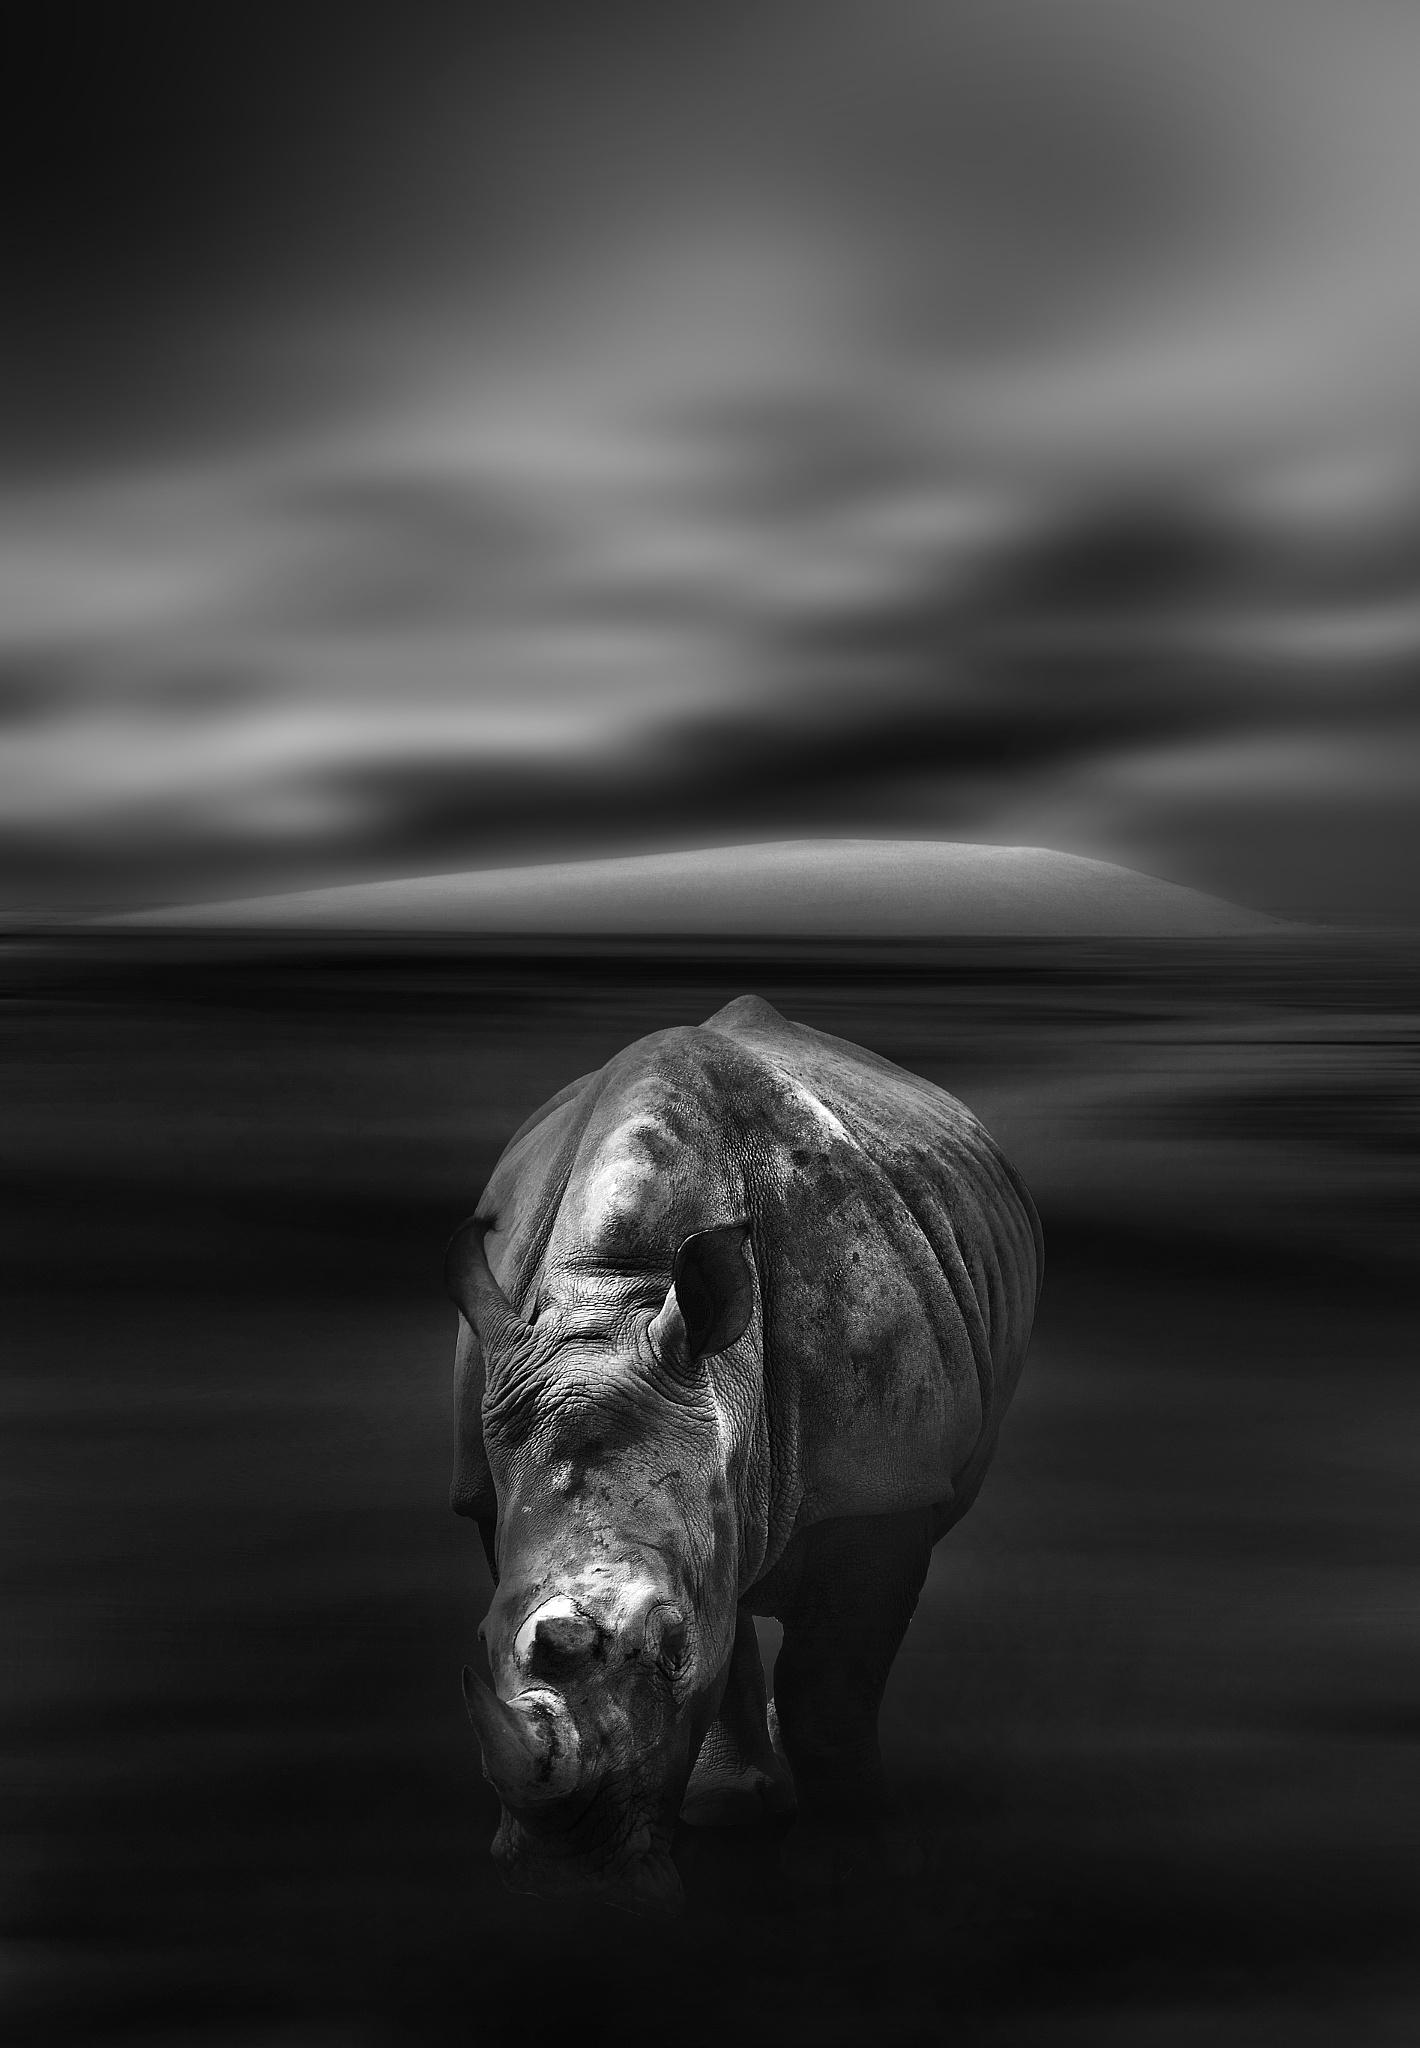 le gardien de la dune by Moussa Idrissi-MOGRAPHE